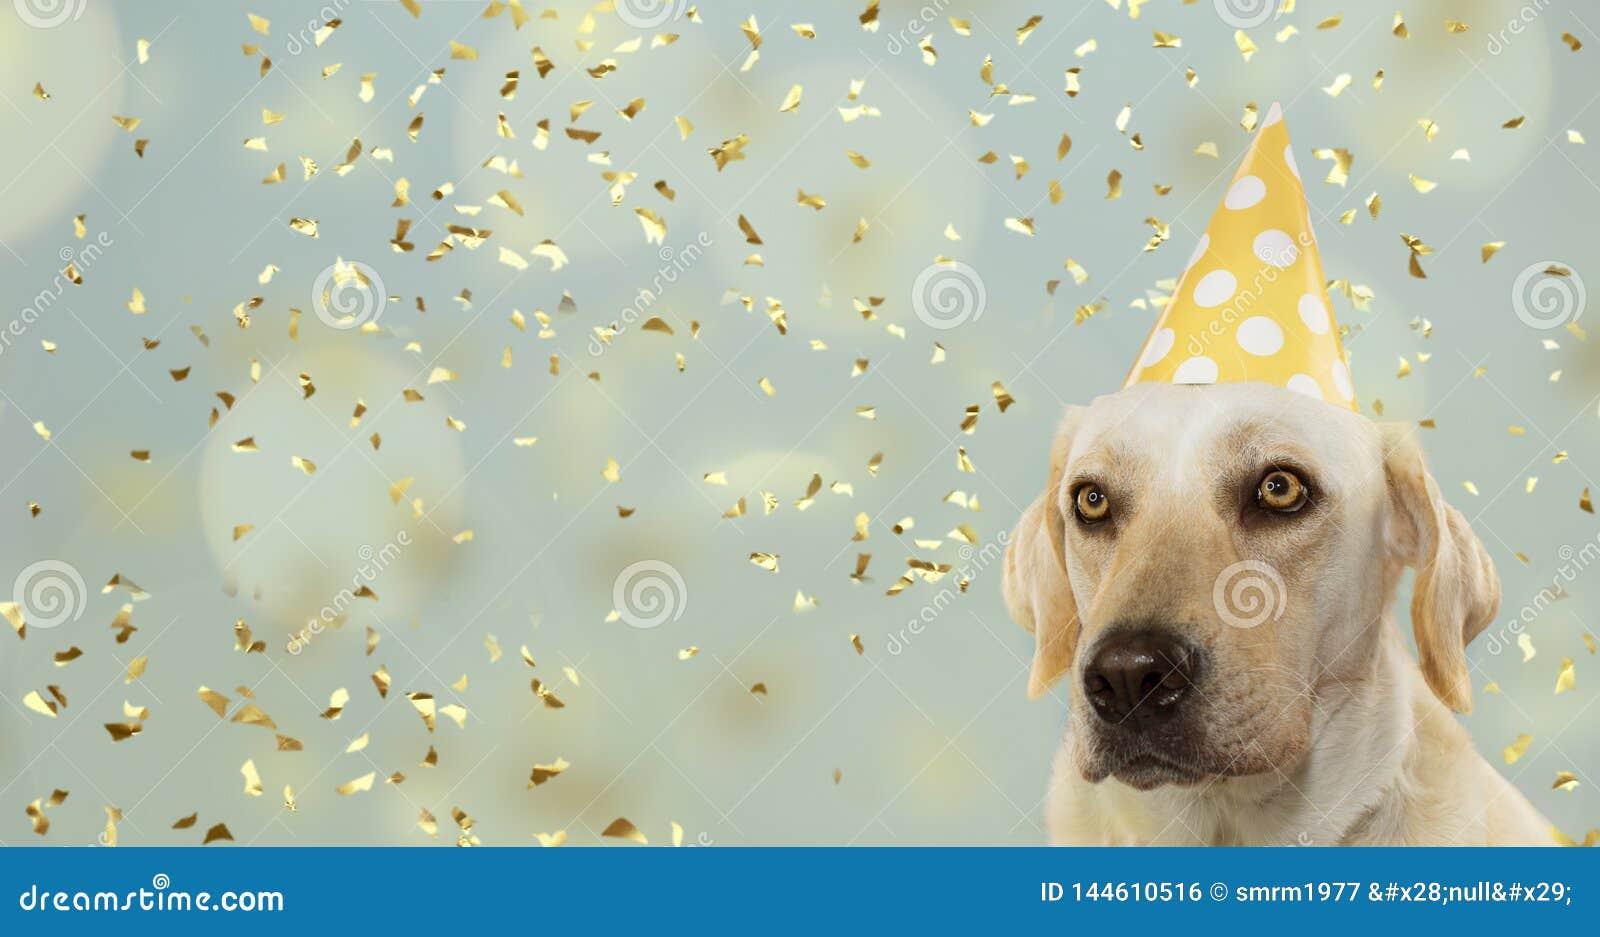 庆祝生日宴会的狗,戴一个黄色圆点帽子 隔绝反对与五彩纸屑落的淡色蓝色背景